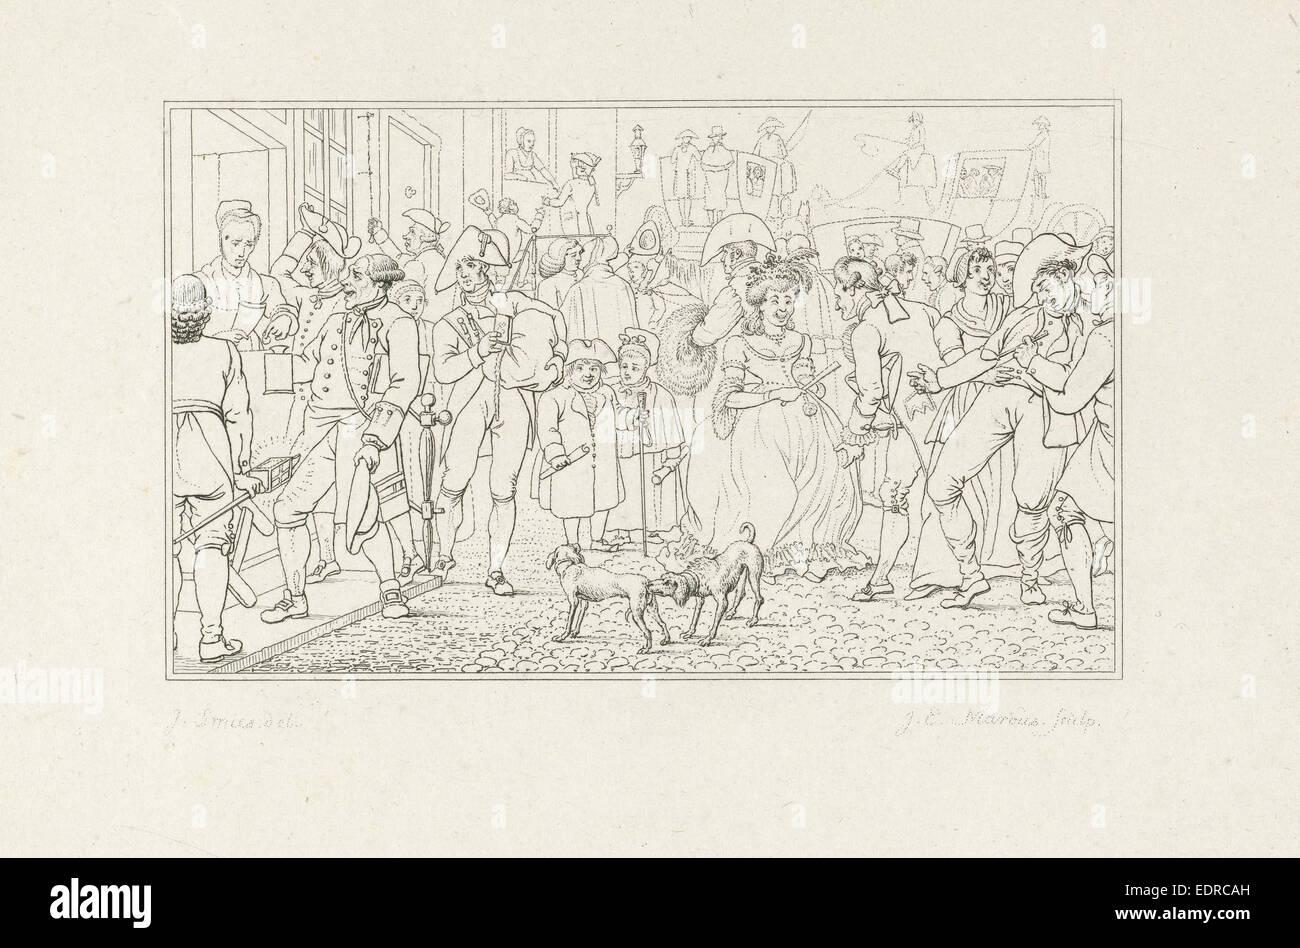 Molti cittadini in una strada, Jacob Ernst Marcus, 1807 Immagini Stock